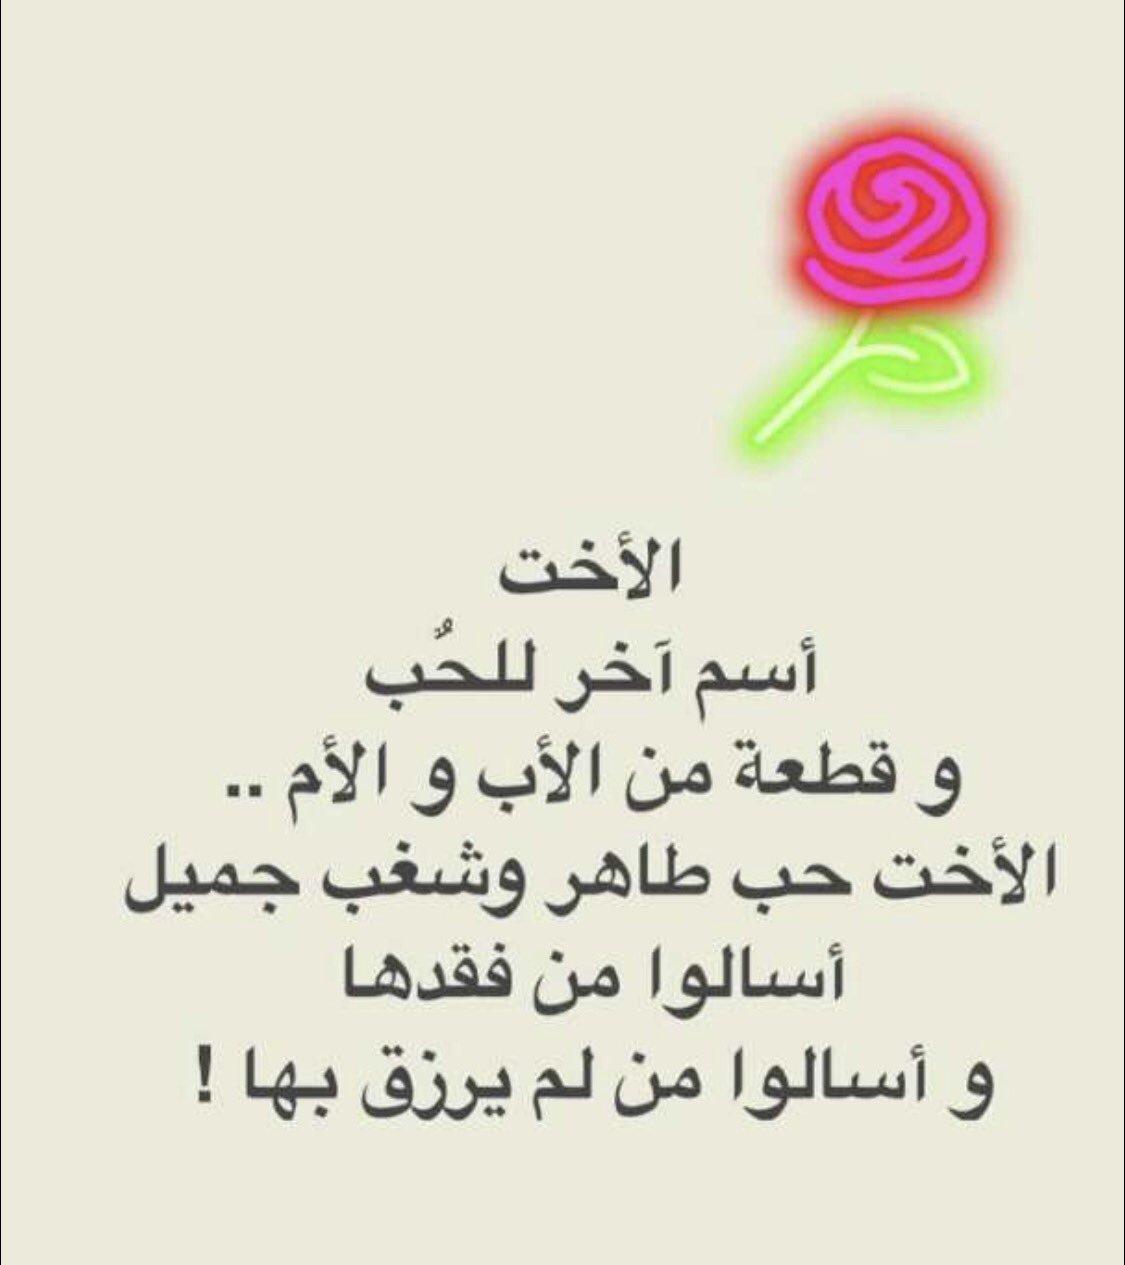 بيت شعر في حب الاخت Shaer Blog